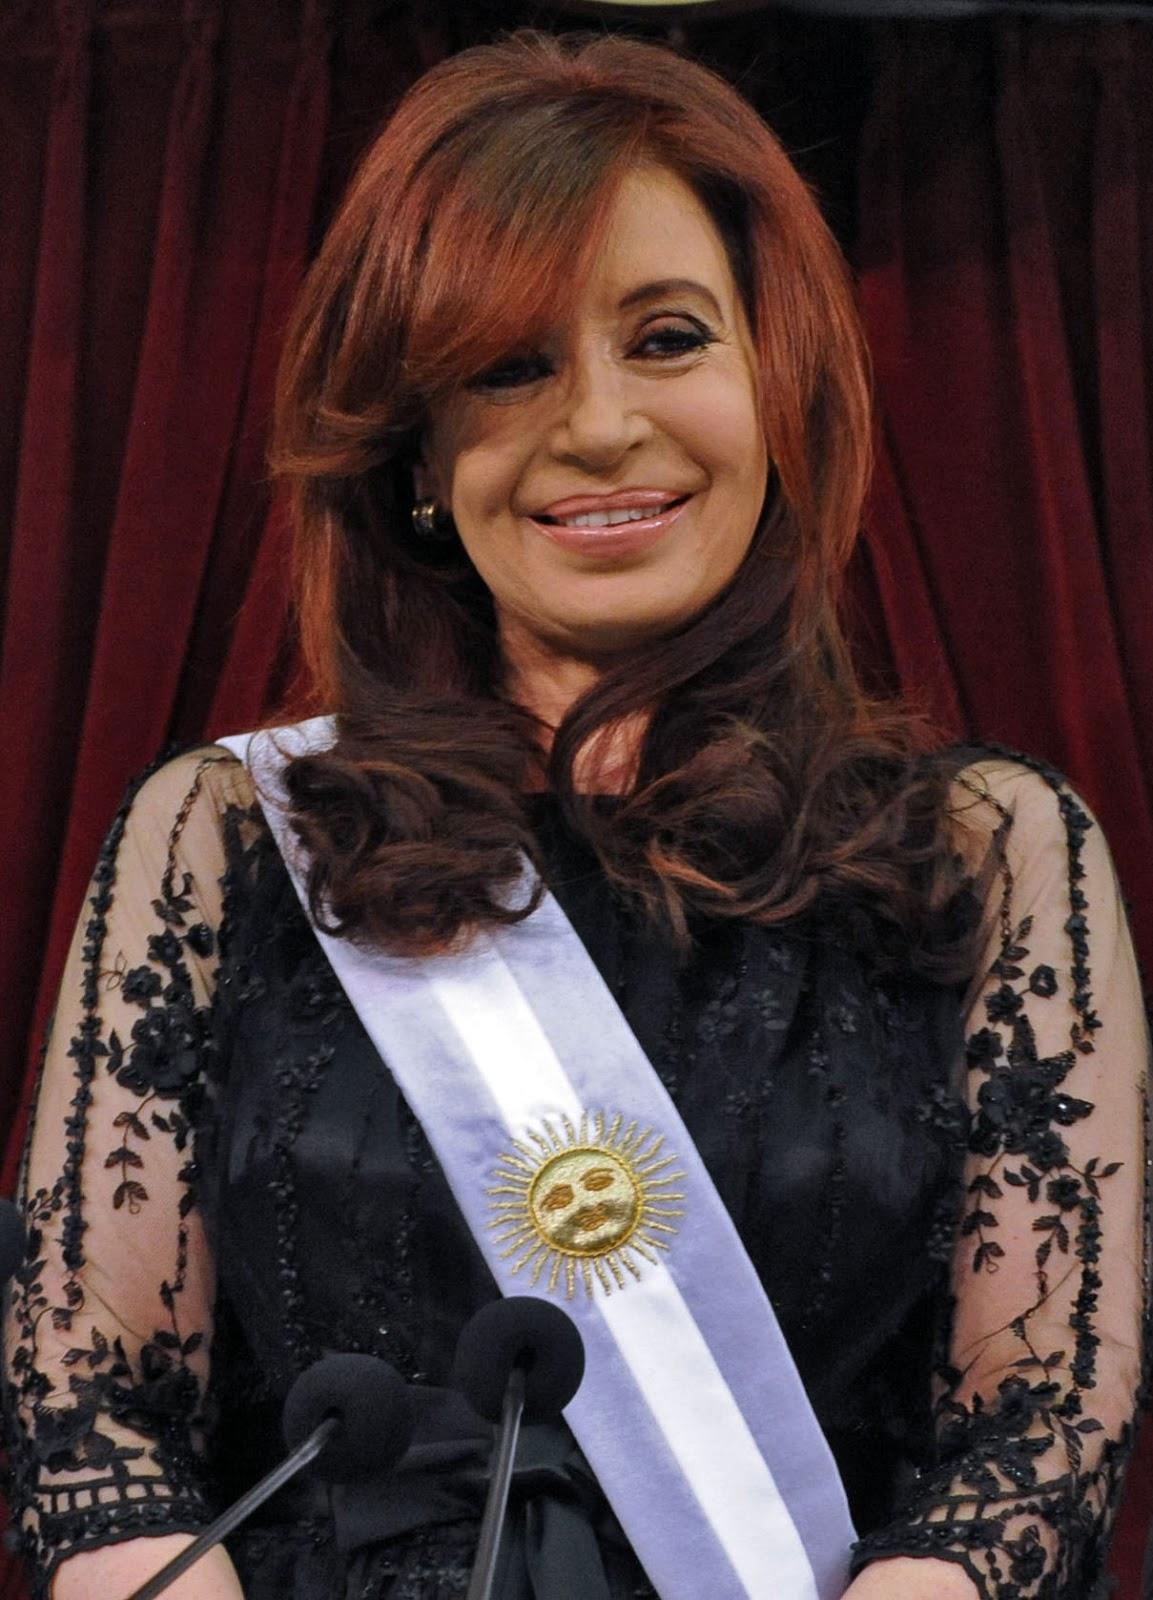 ¡ULTIMO MOMENTO! Fallecio Cristina De Kirchner